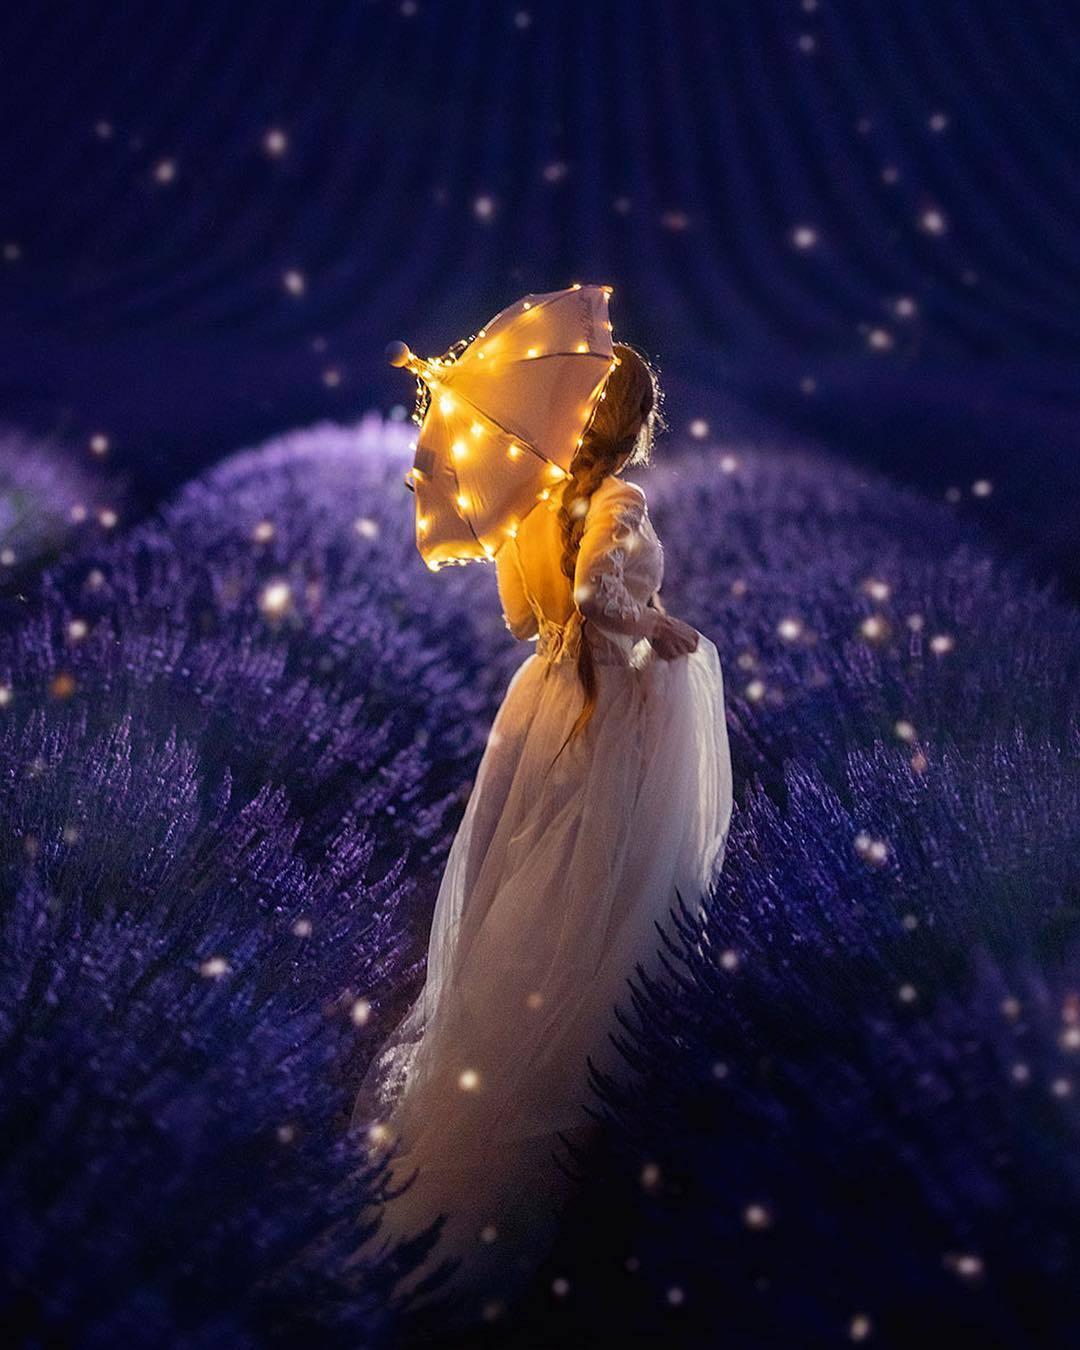 фото волшебный сон пышному